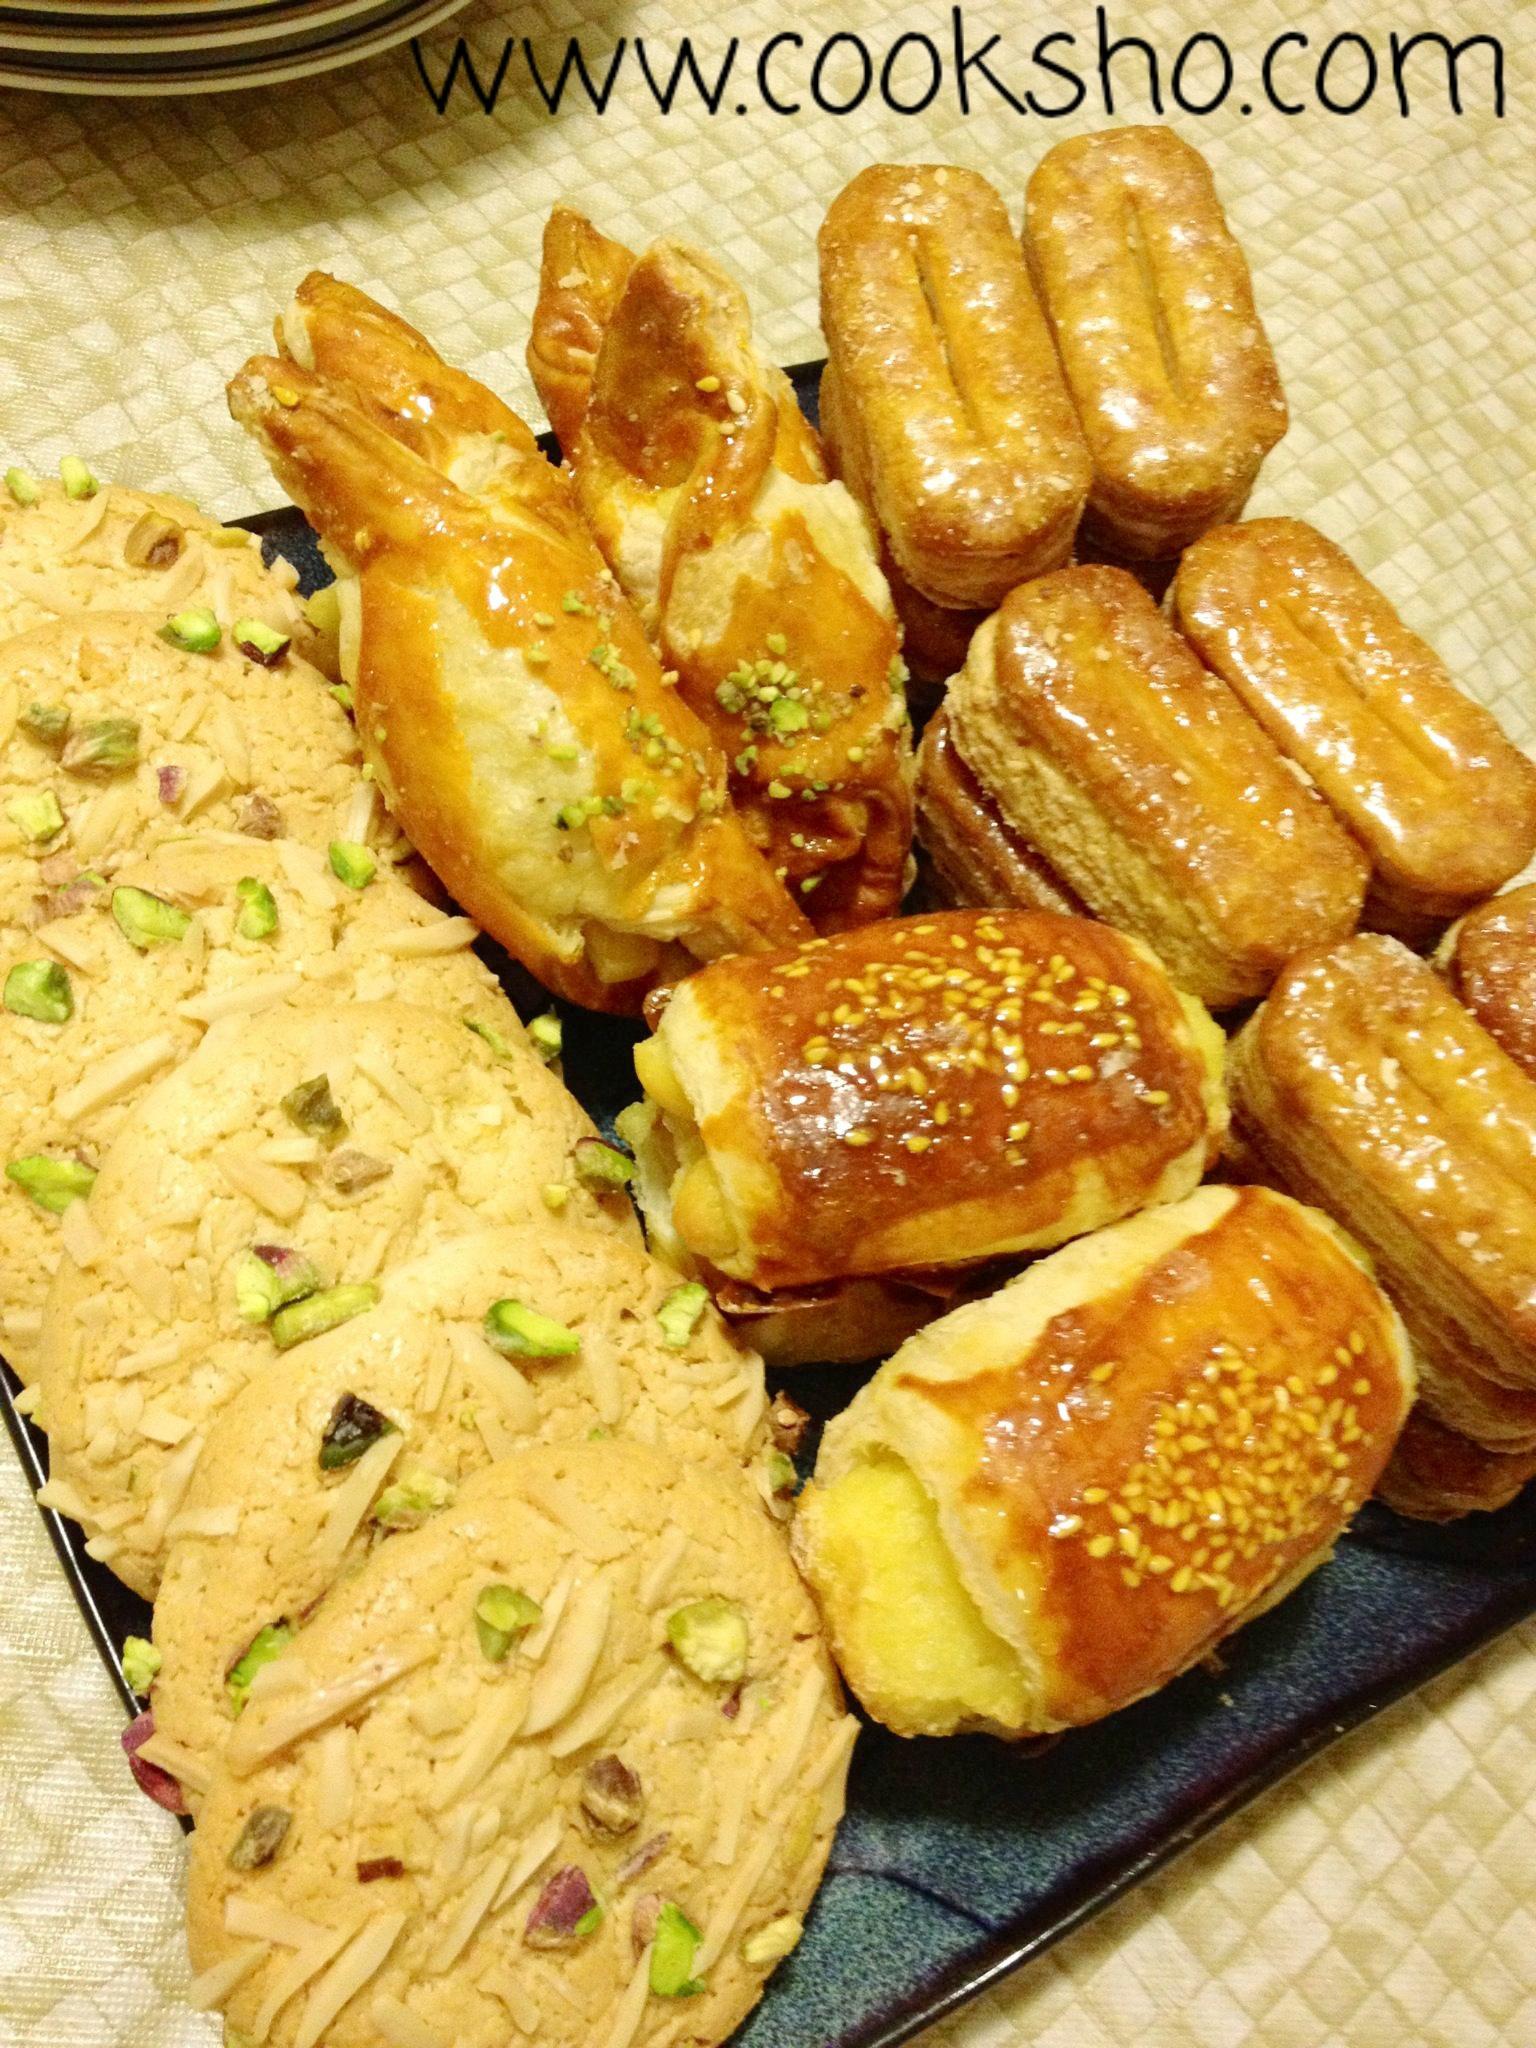 نکات مهم و کلی تهیه انواع شیرینی عید نوروز